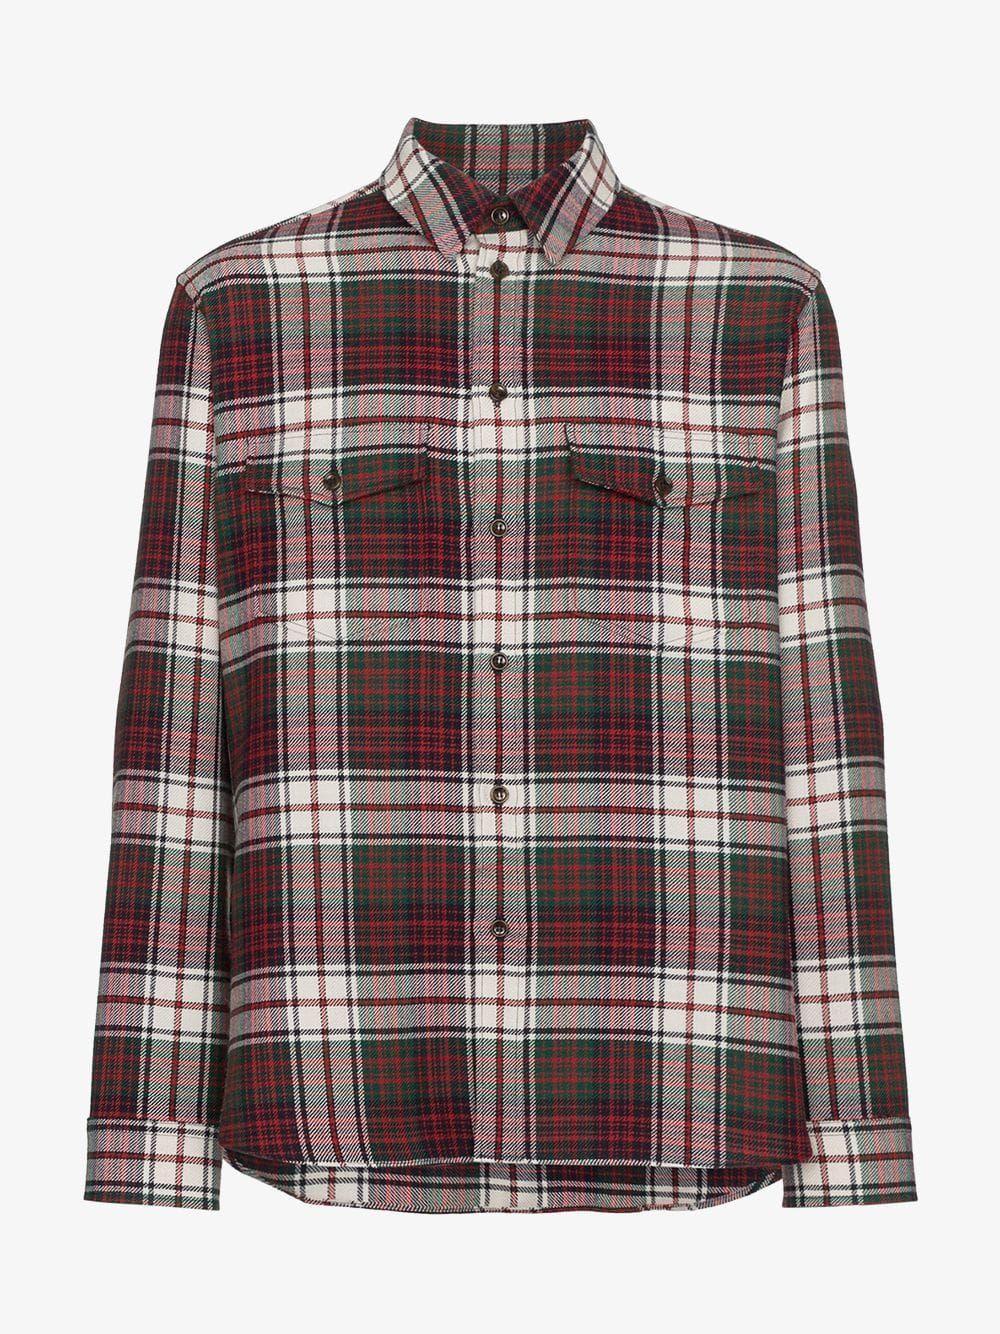 a3d851e3f Gucci Check Flannel Shirt